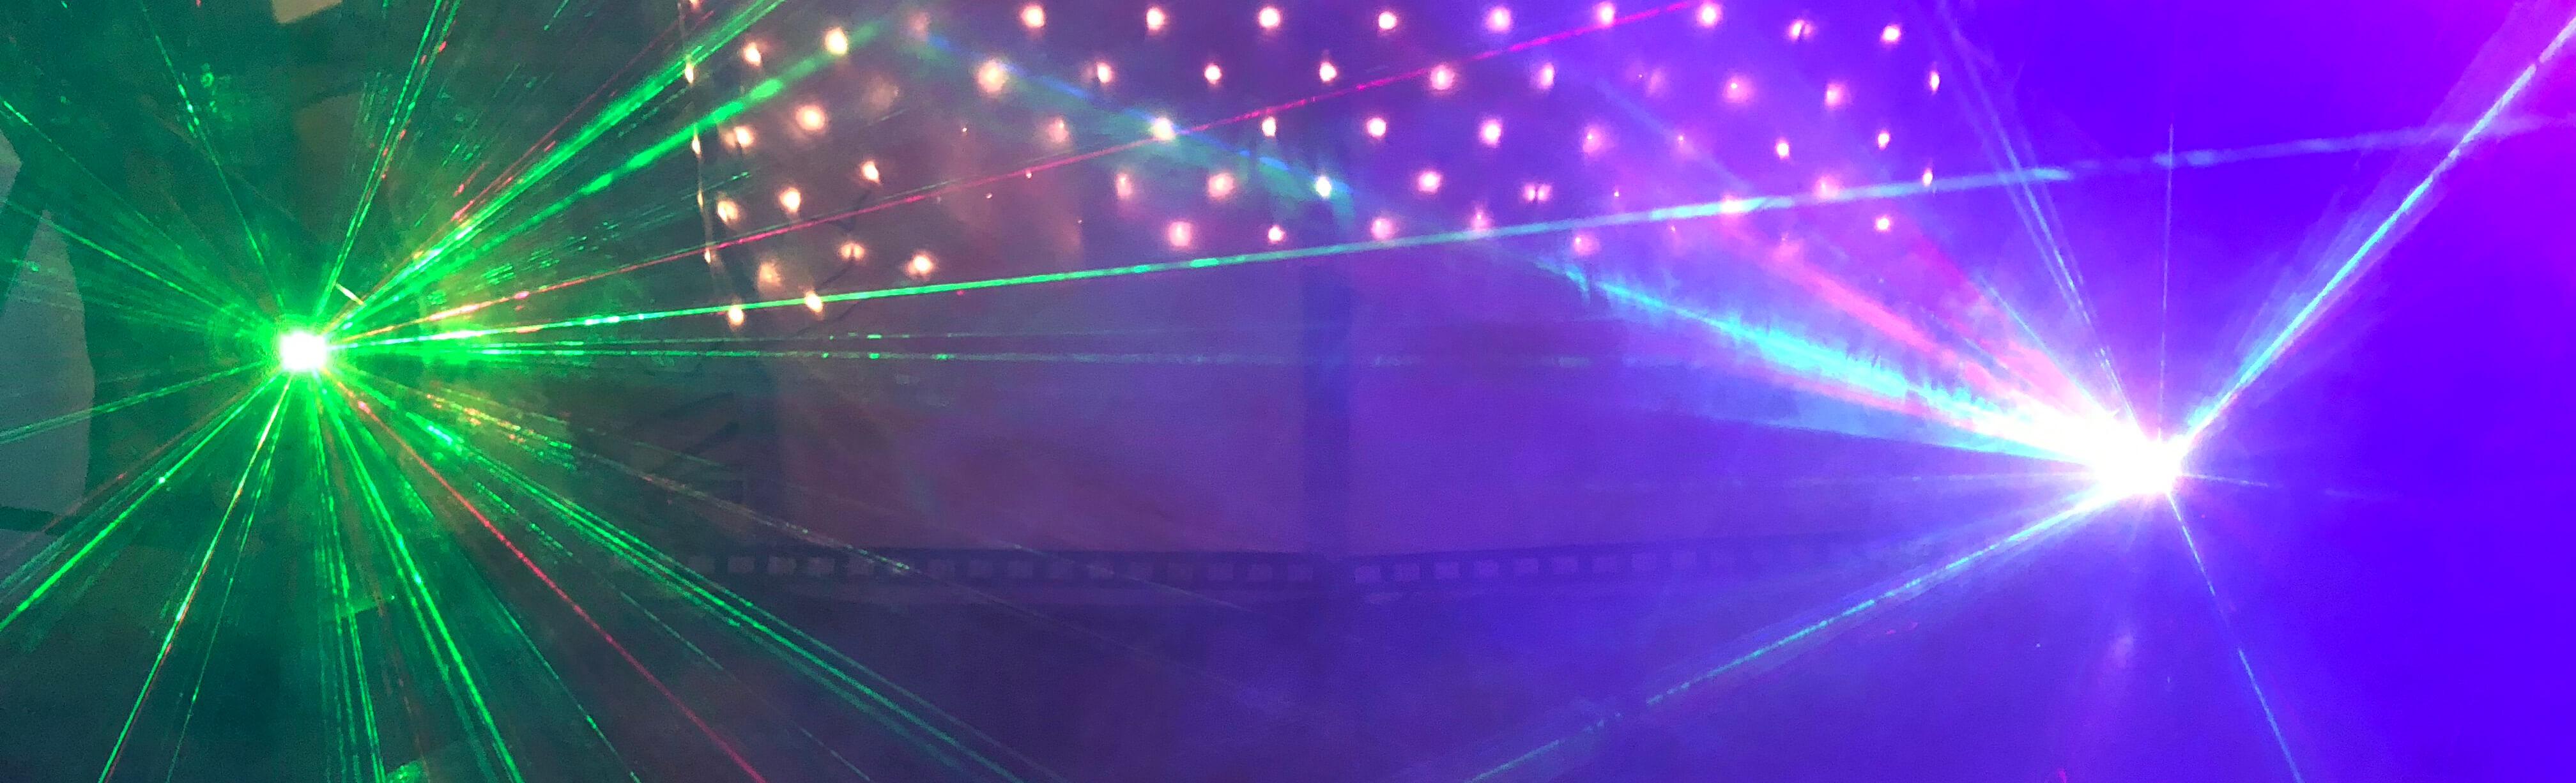 licht effecten en geluid verhuur